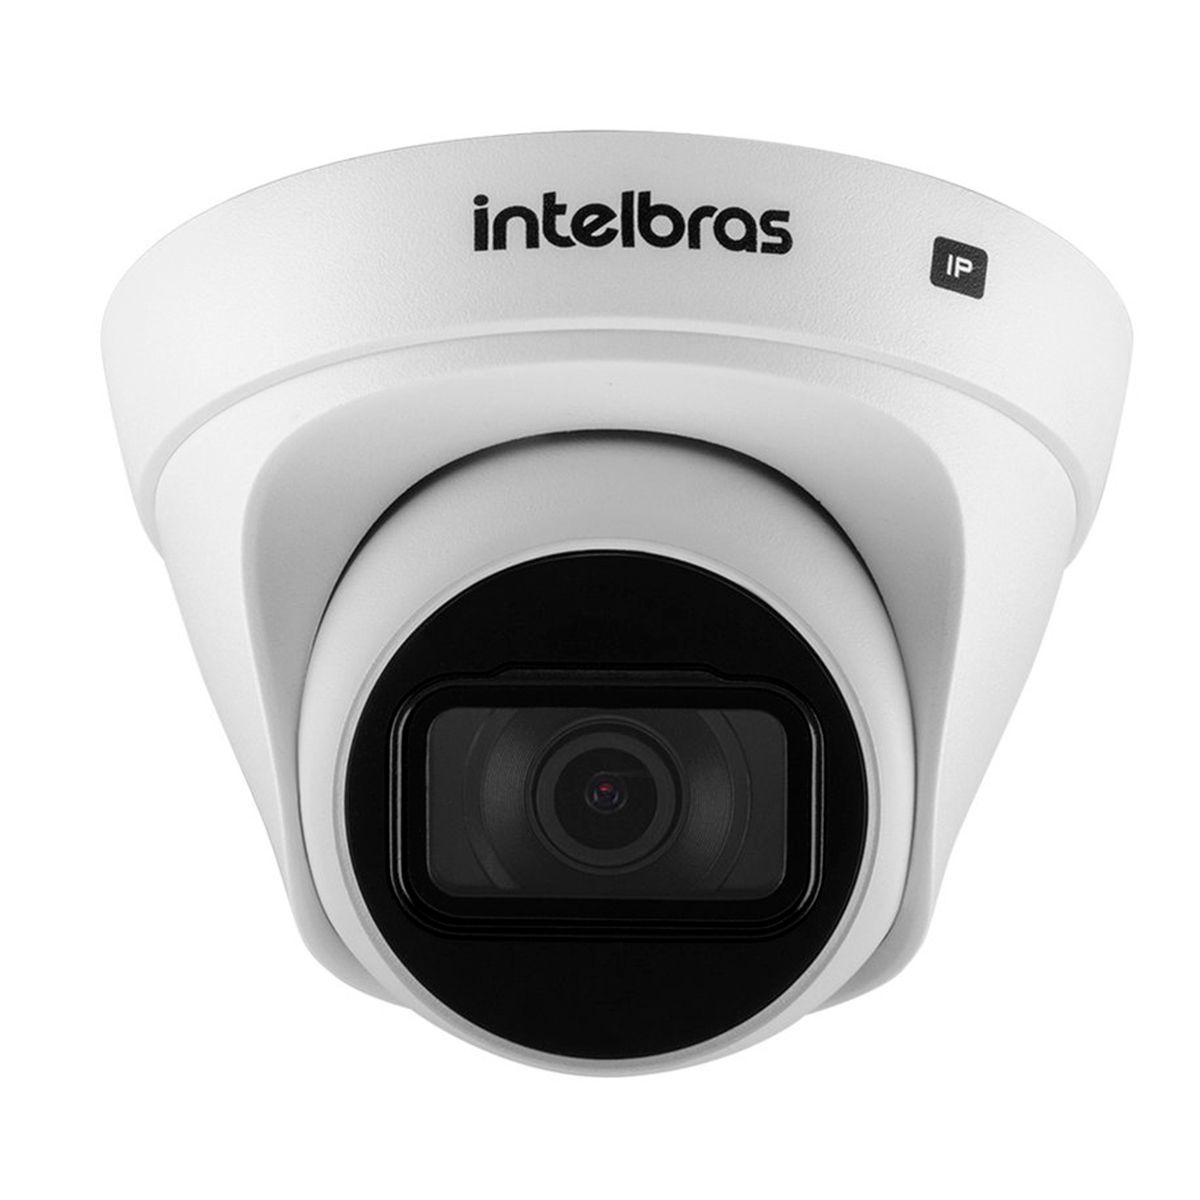 Câmera Intelbras IP HD 720p VIP 1020 D G2 com Lente 2,8mm, Visão Noturna 20m, Dome IP66 Resistente à Chuva, Onvif  - Tudo Forte